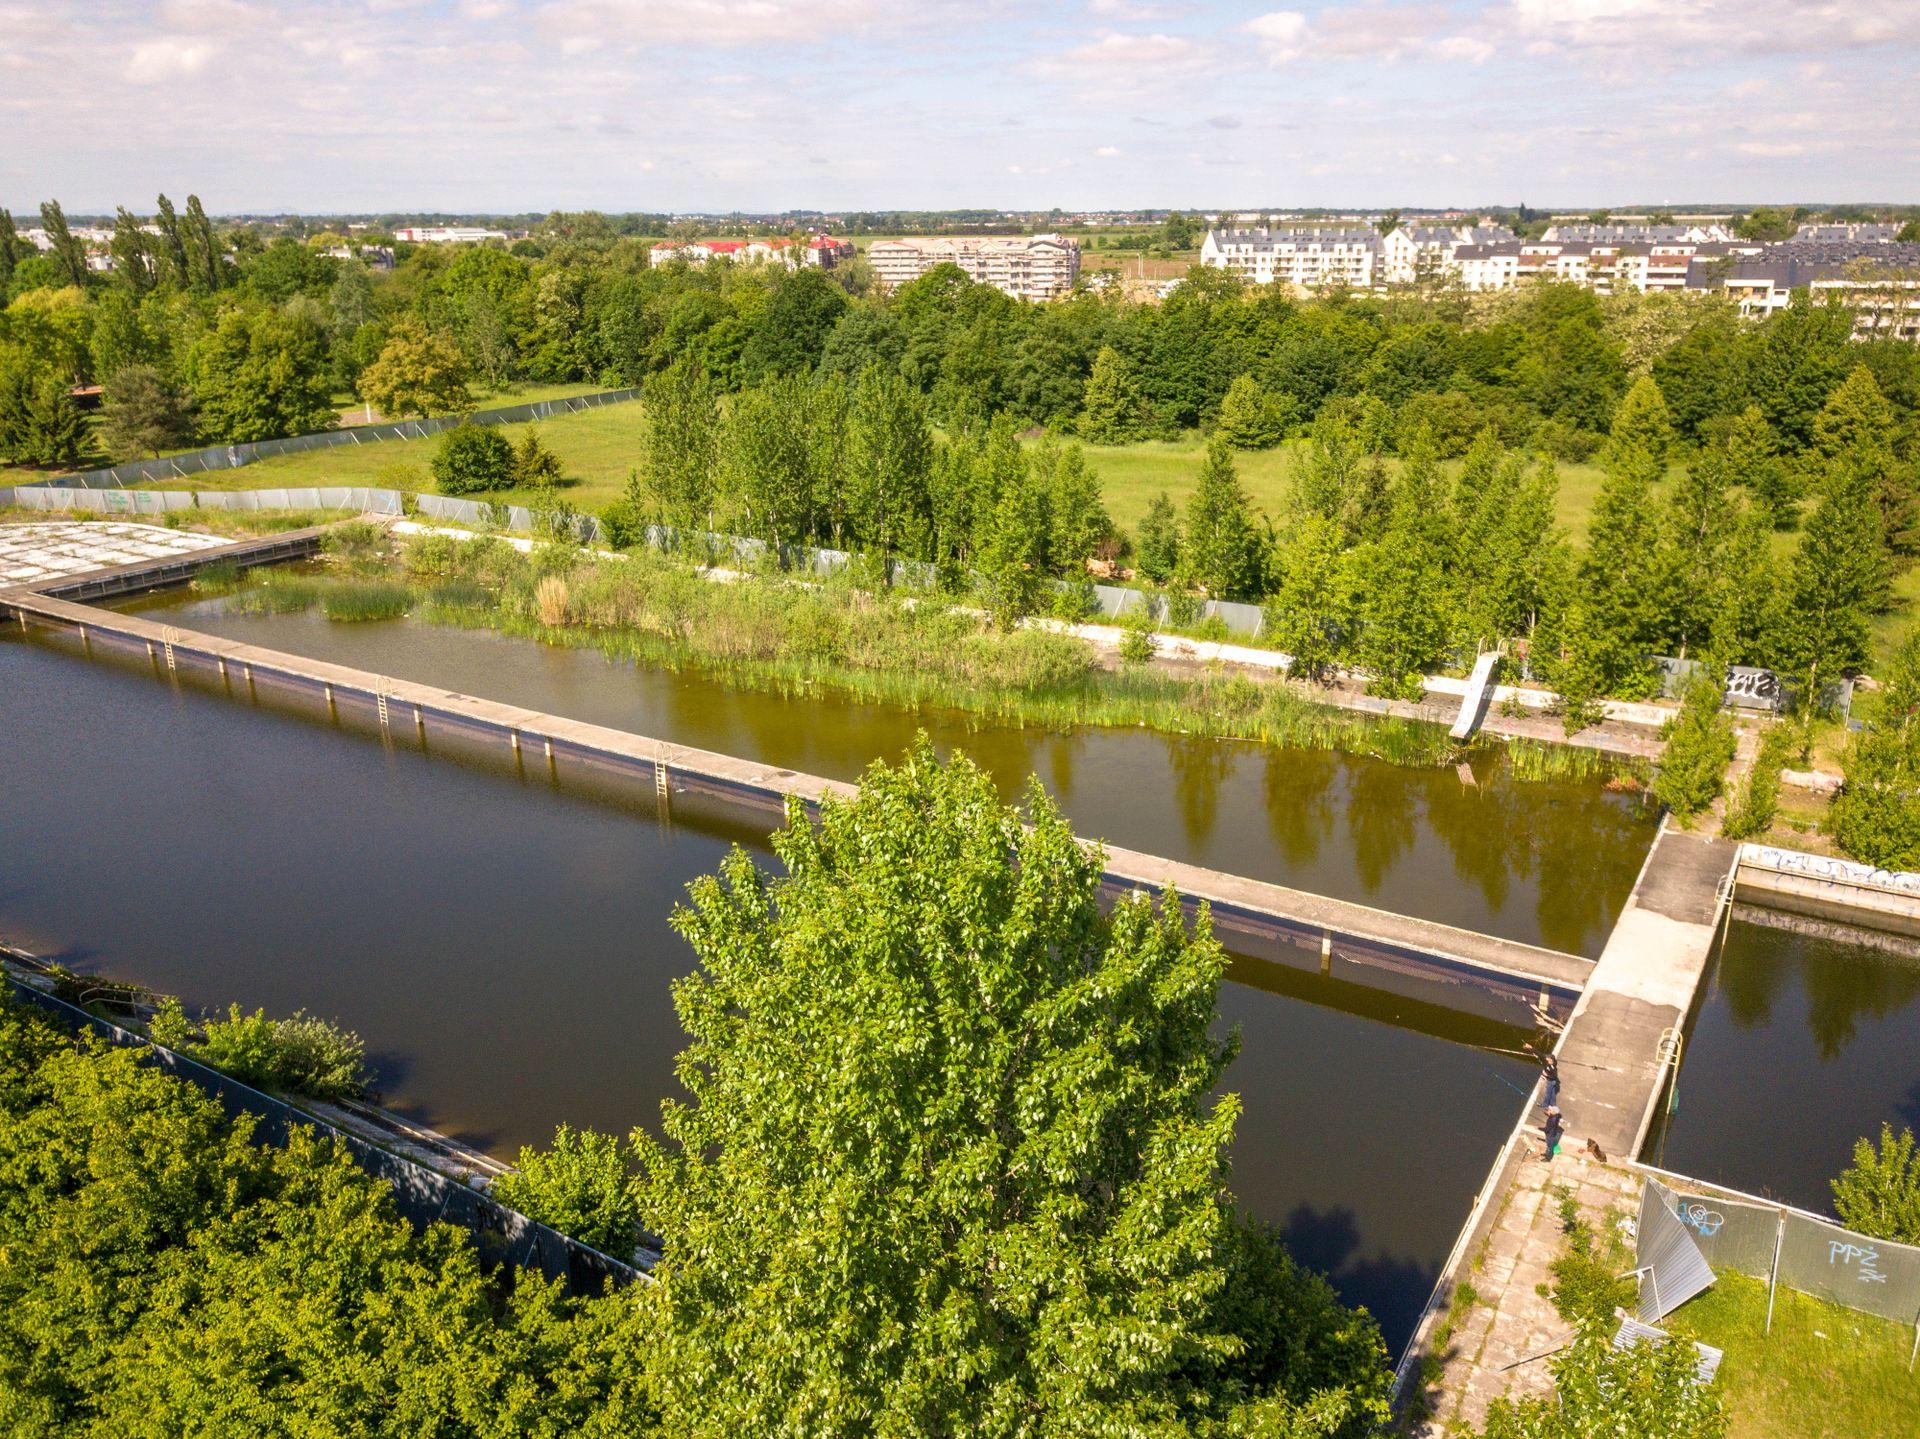 Wrocław: Państwo sprzeda tereny przy kąpielisku na Oporowie warte miliony